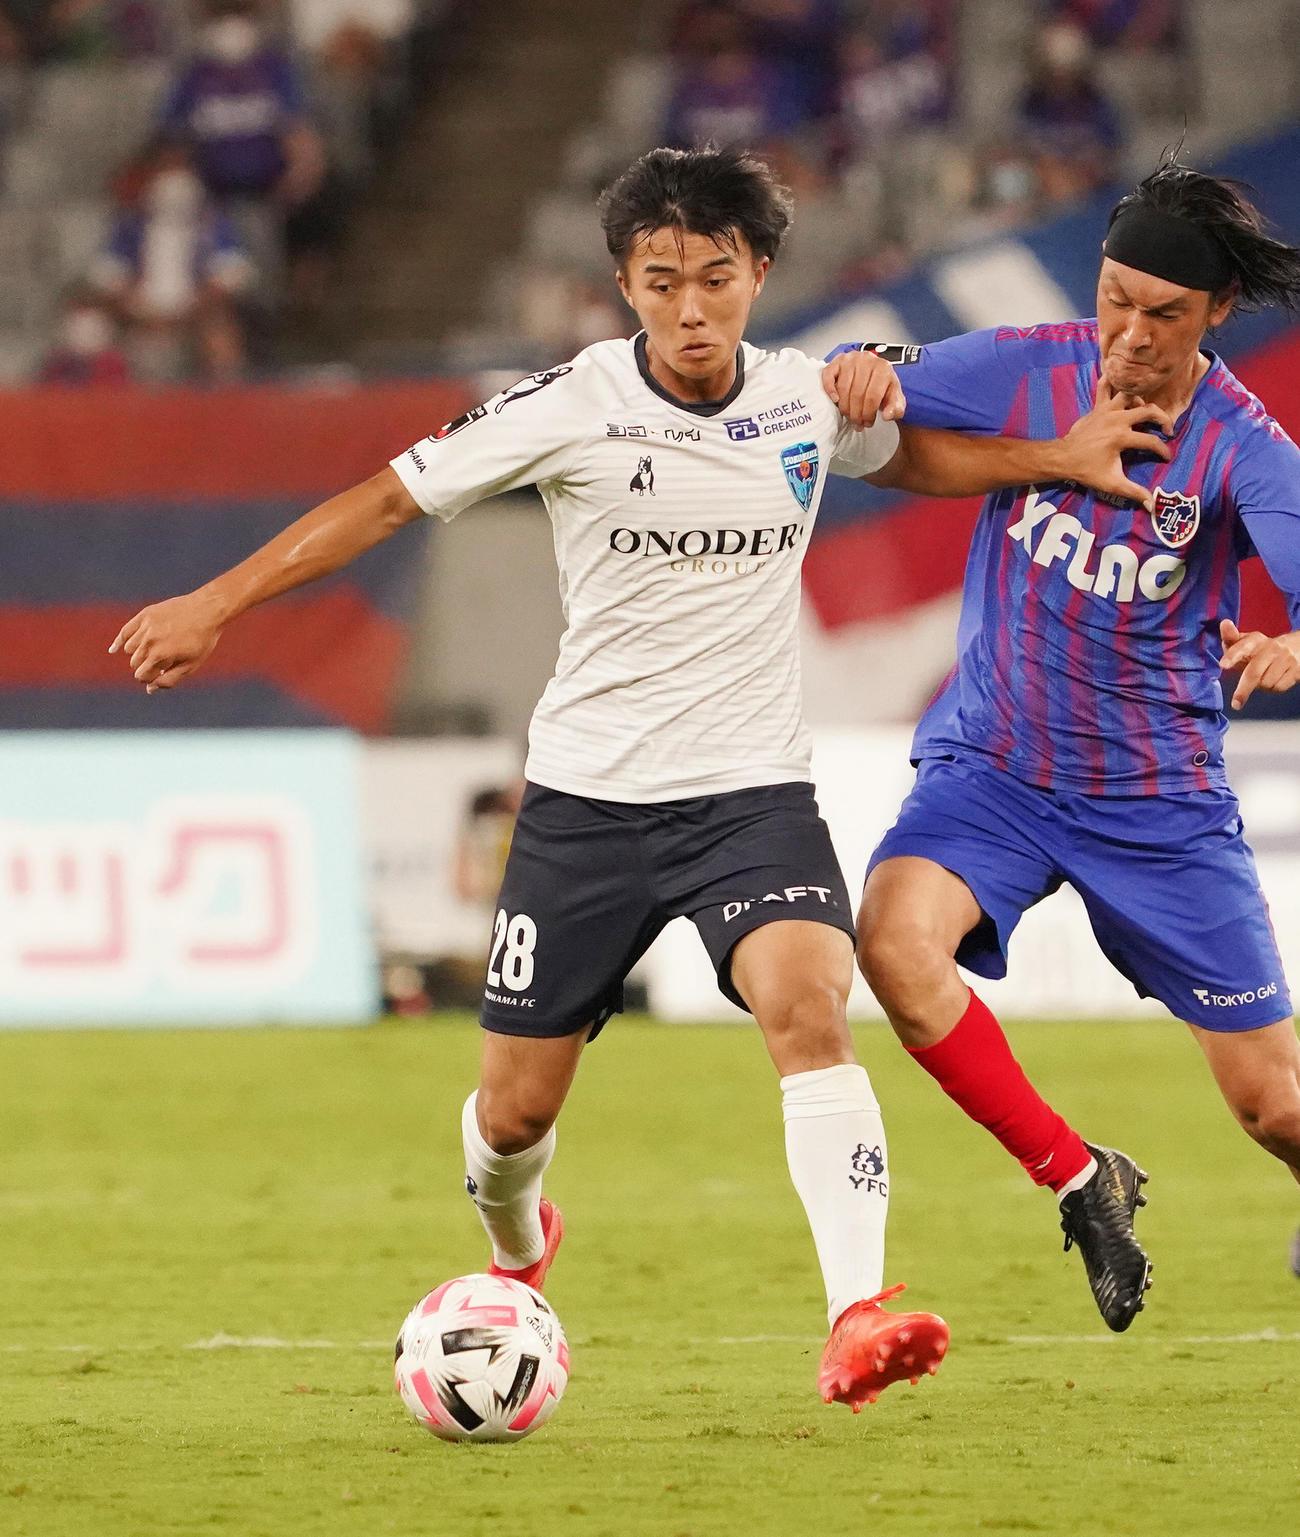 横浜FC・MF安永玲央(2020年9月9日撮影)